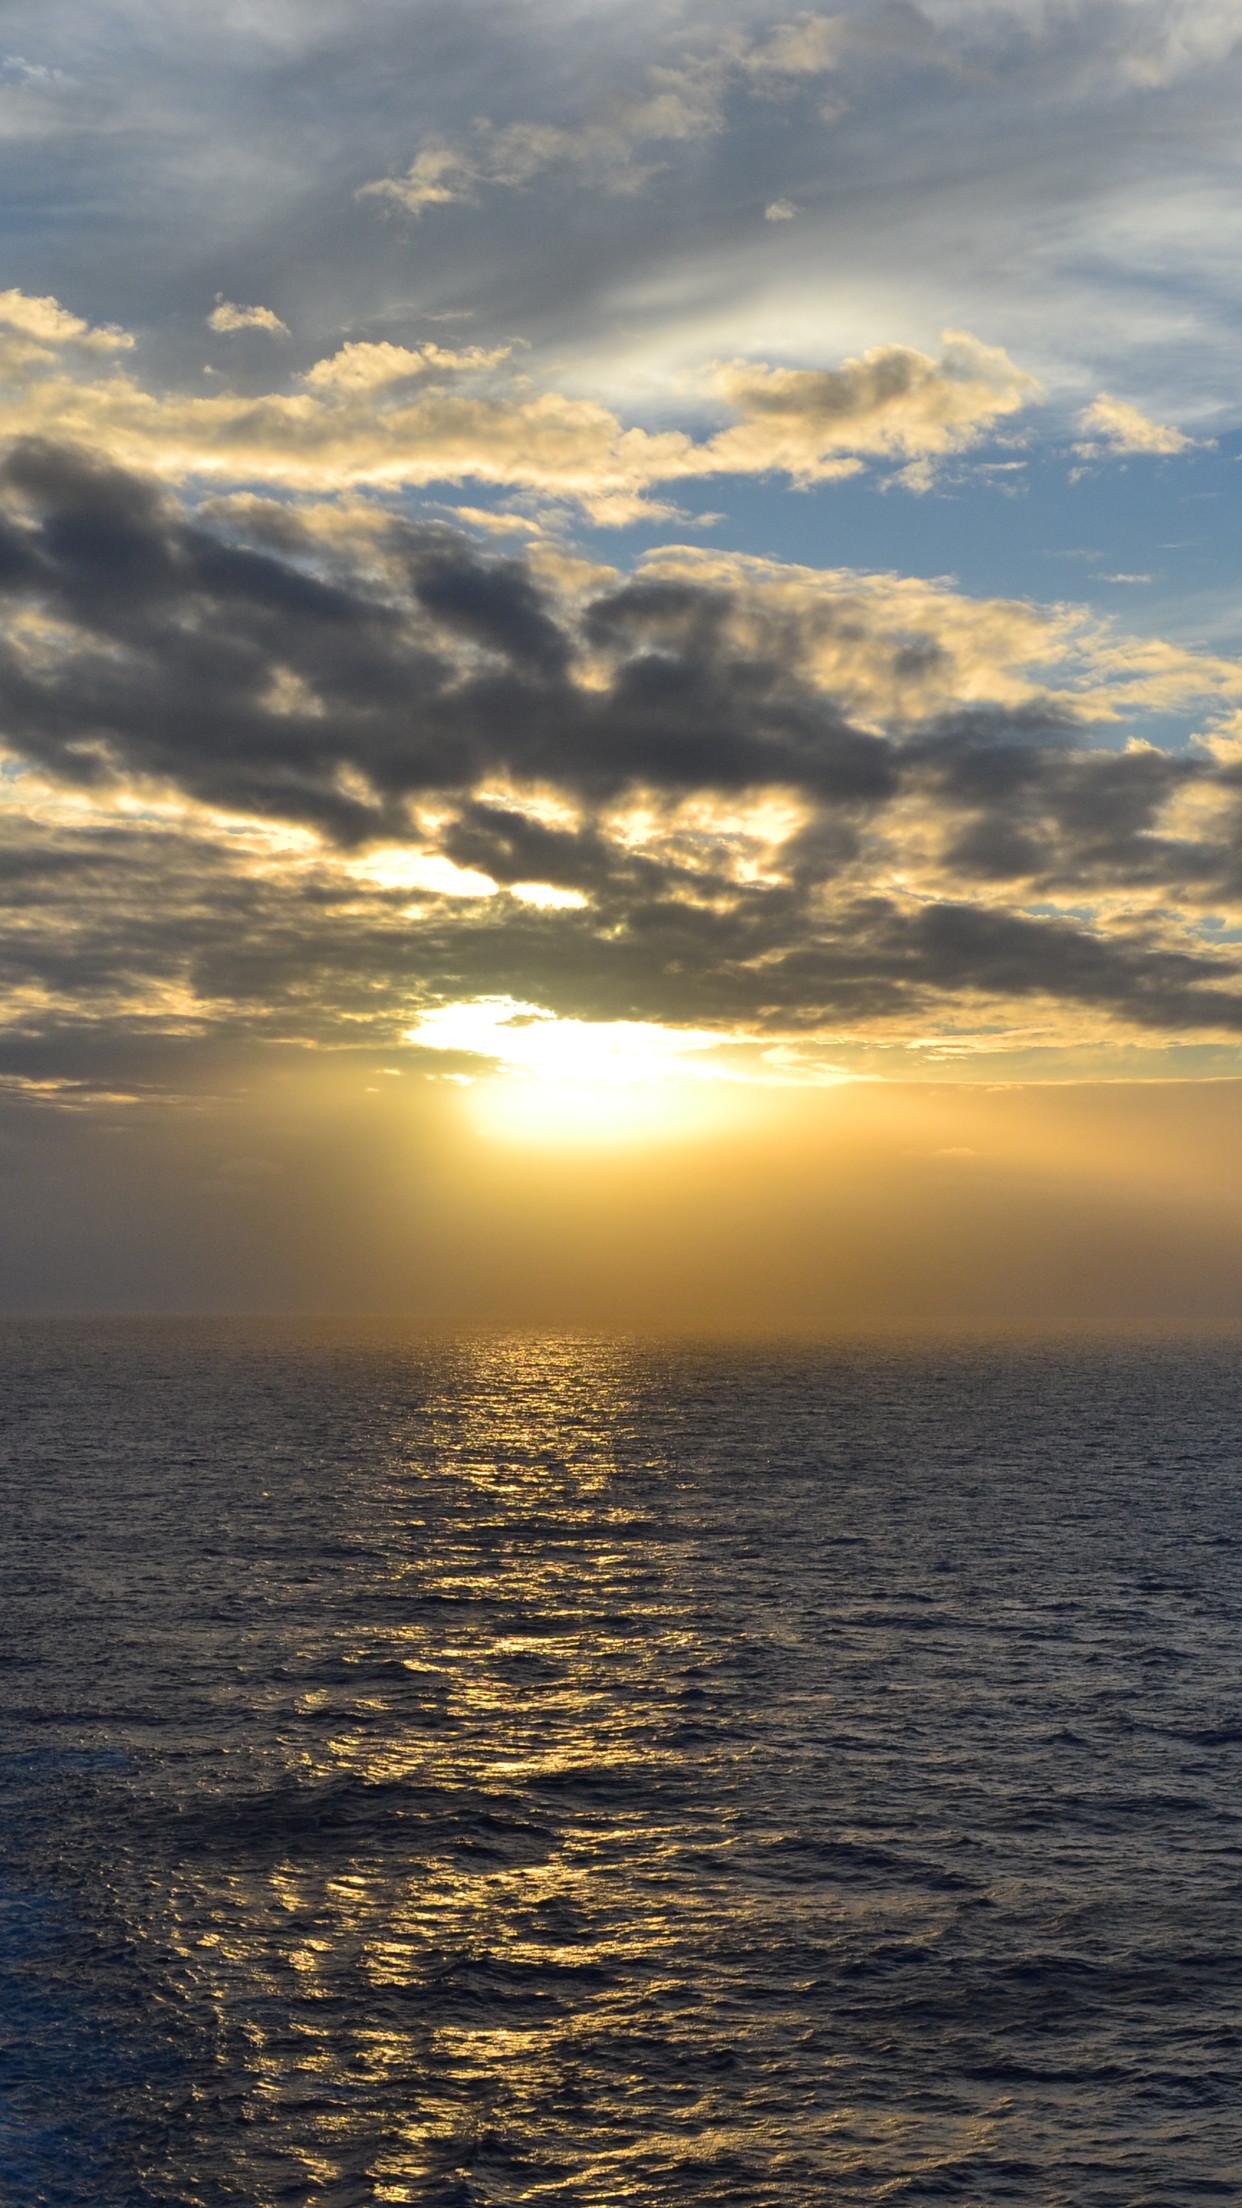 sunset sea 3Wallpapers iPhone Parallax Sunset Sea